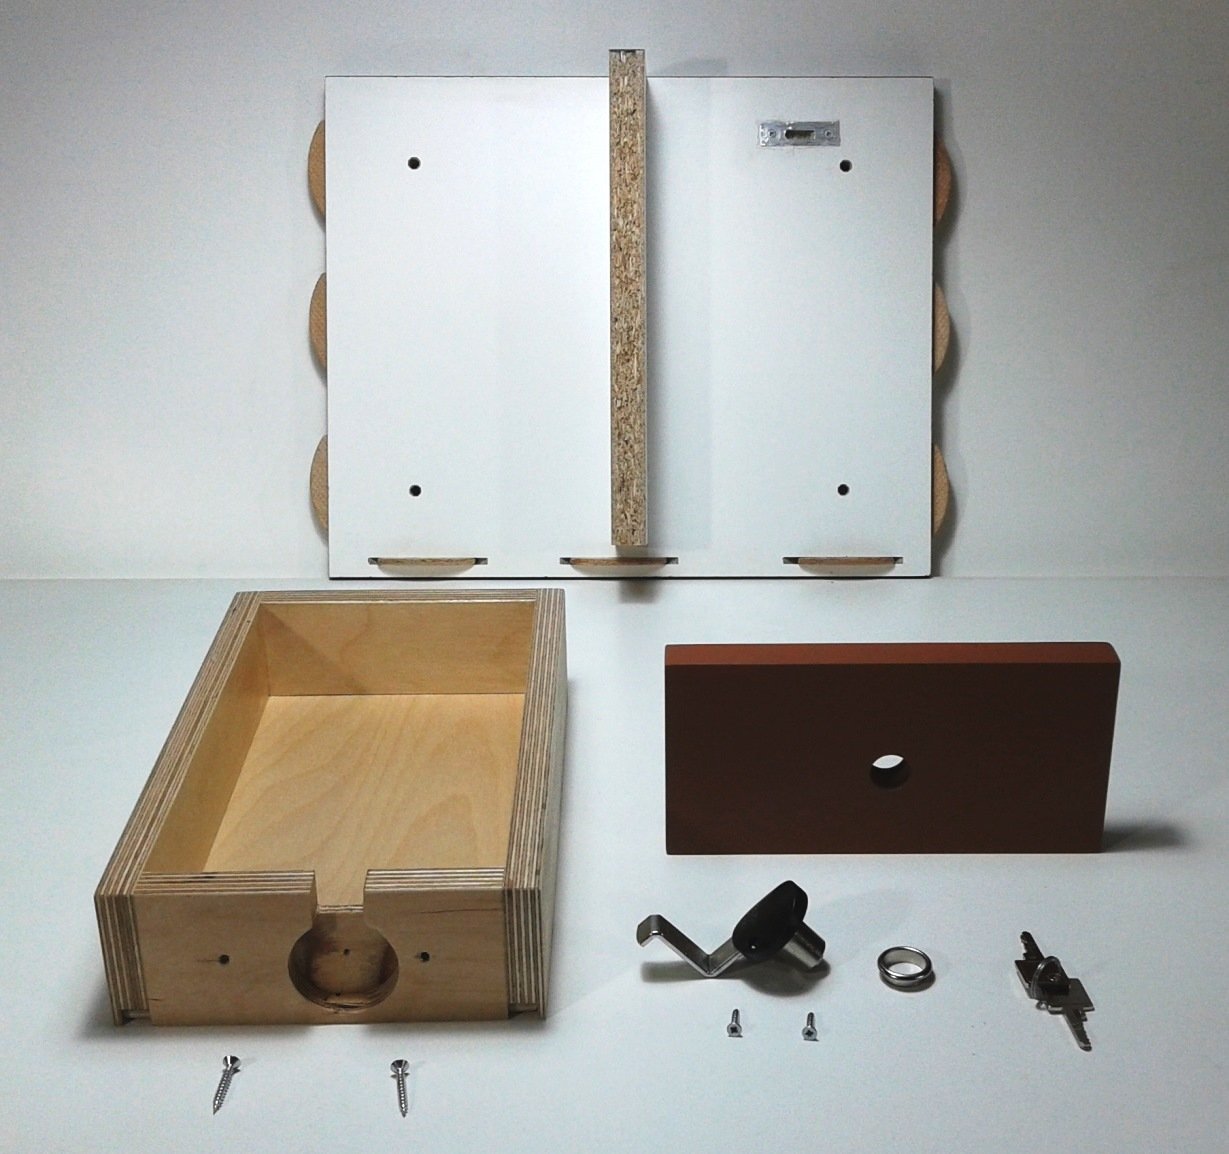 Costruiamo i mobili serrature per cassetti quarta parte - Mobile con serratura ...